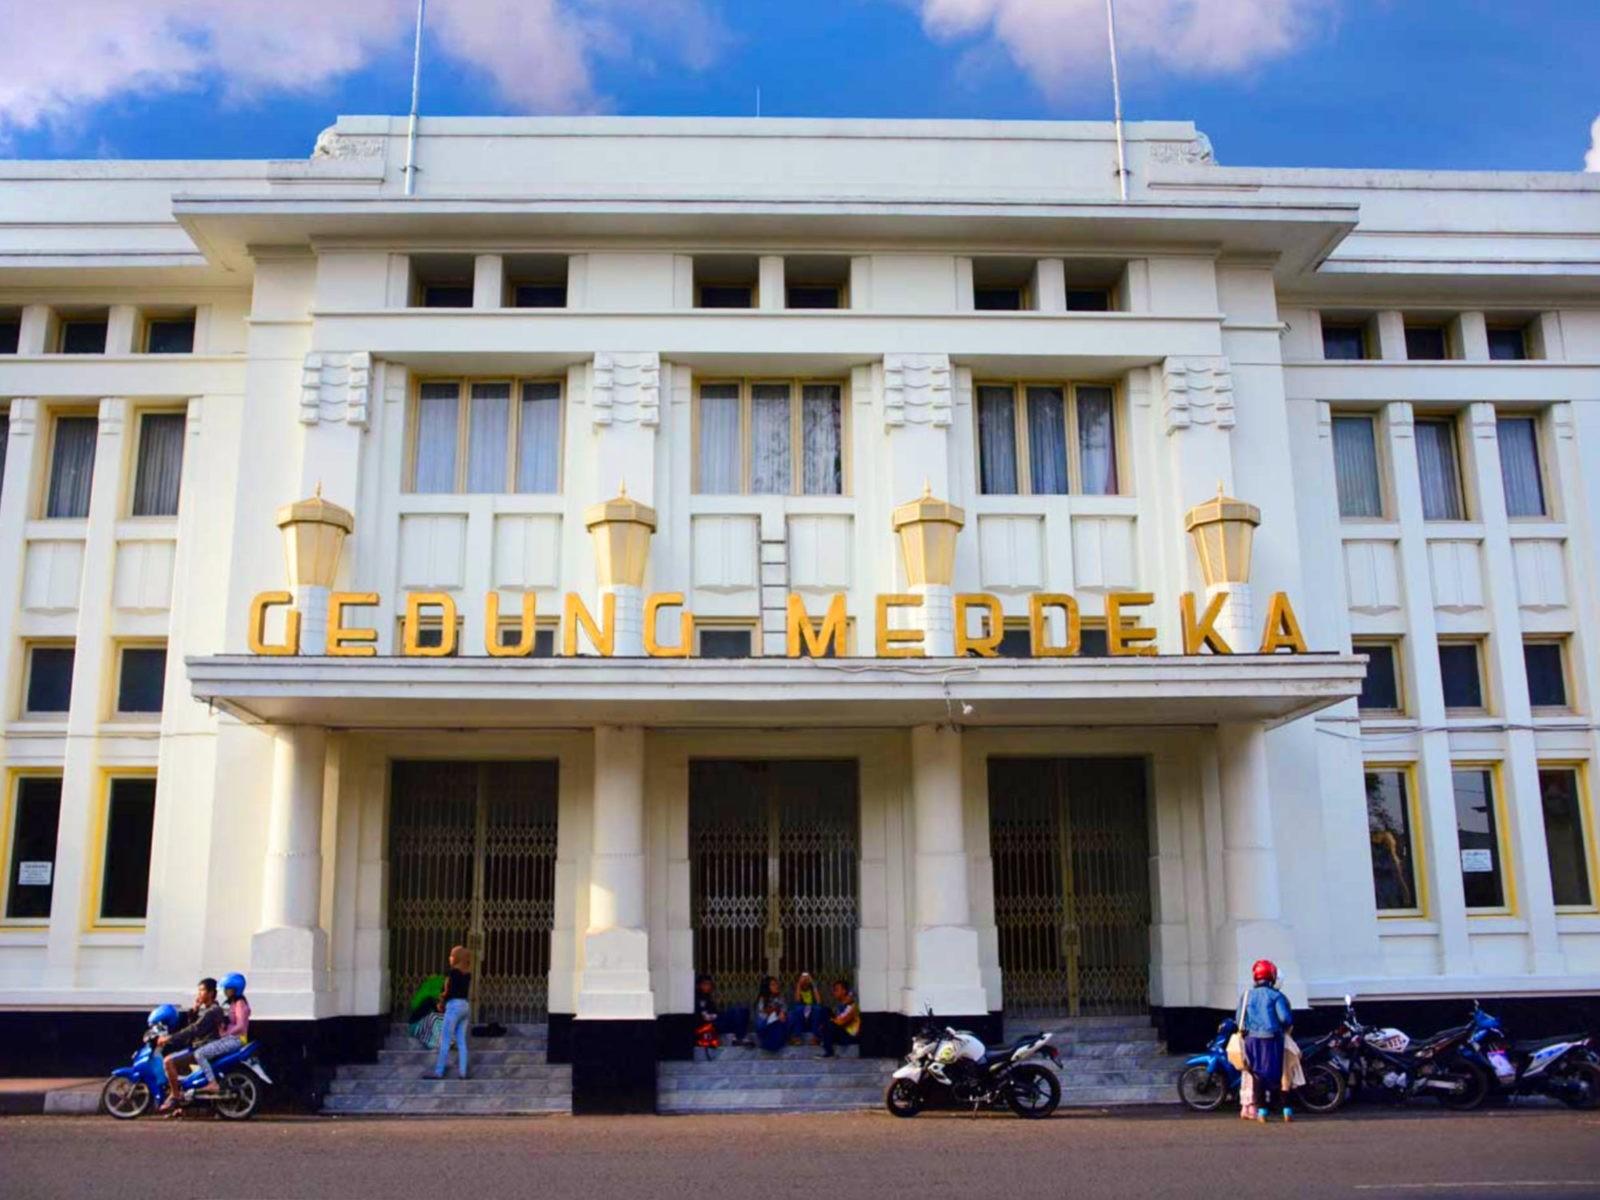 Wisata Gedung Merdeka Tiket & Ragam Aktivitas Mei 2020